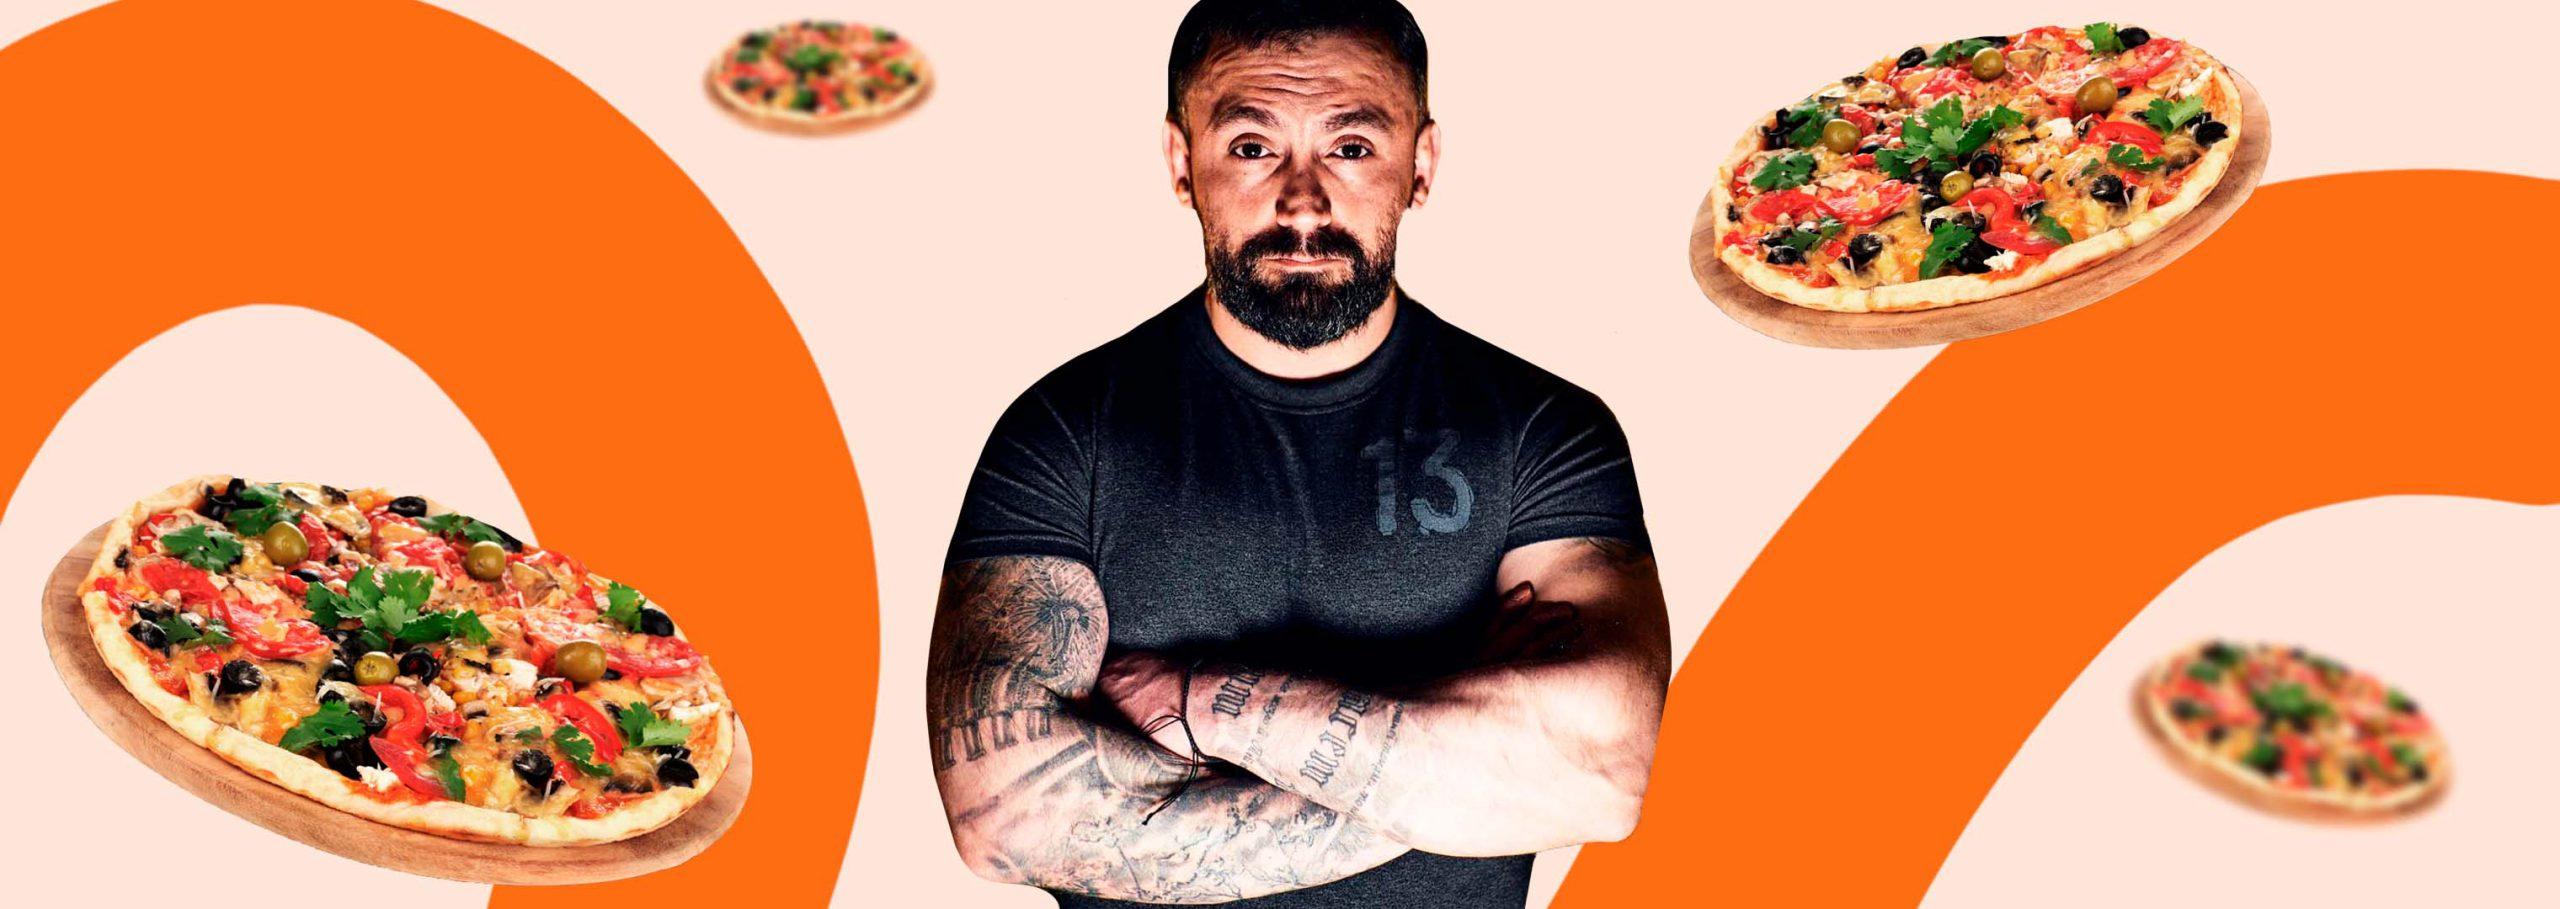 Засновник Veterano Pizza: «Навіть соціально відповідальний бізнес — в першу чергу бізнес»